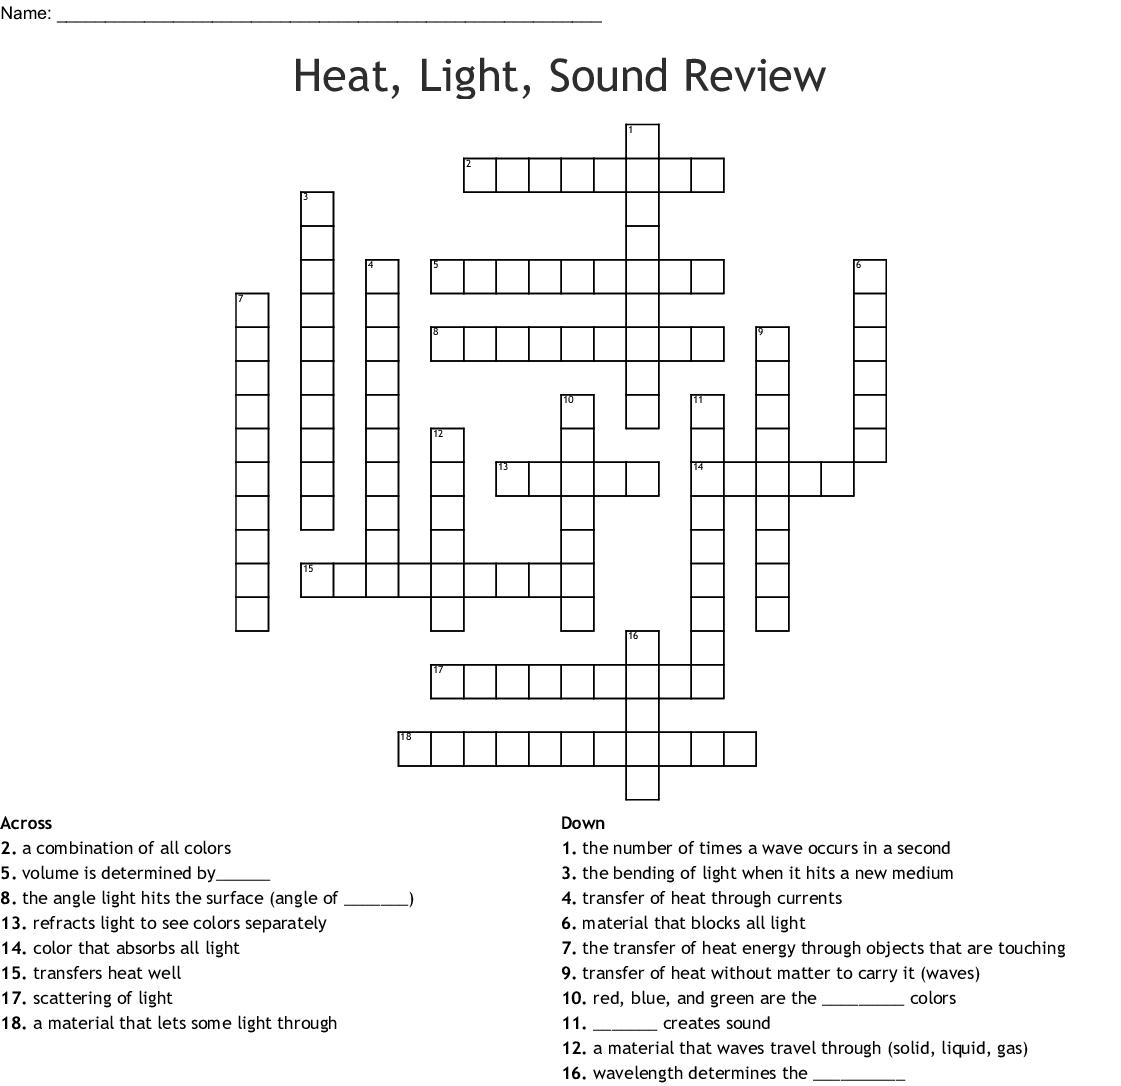 Heat Light Sound Review Crossword Wordmint